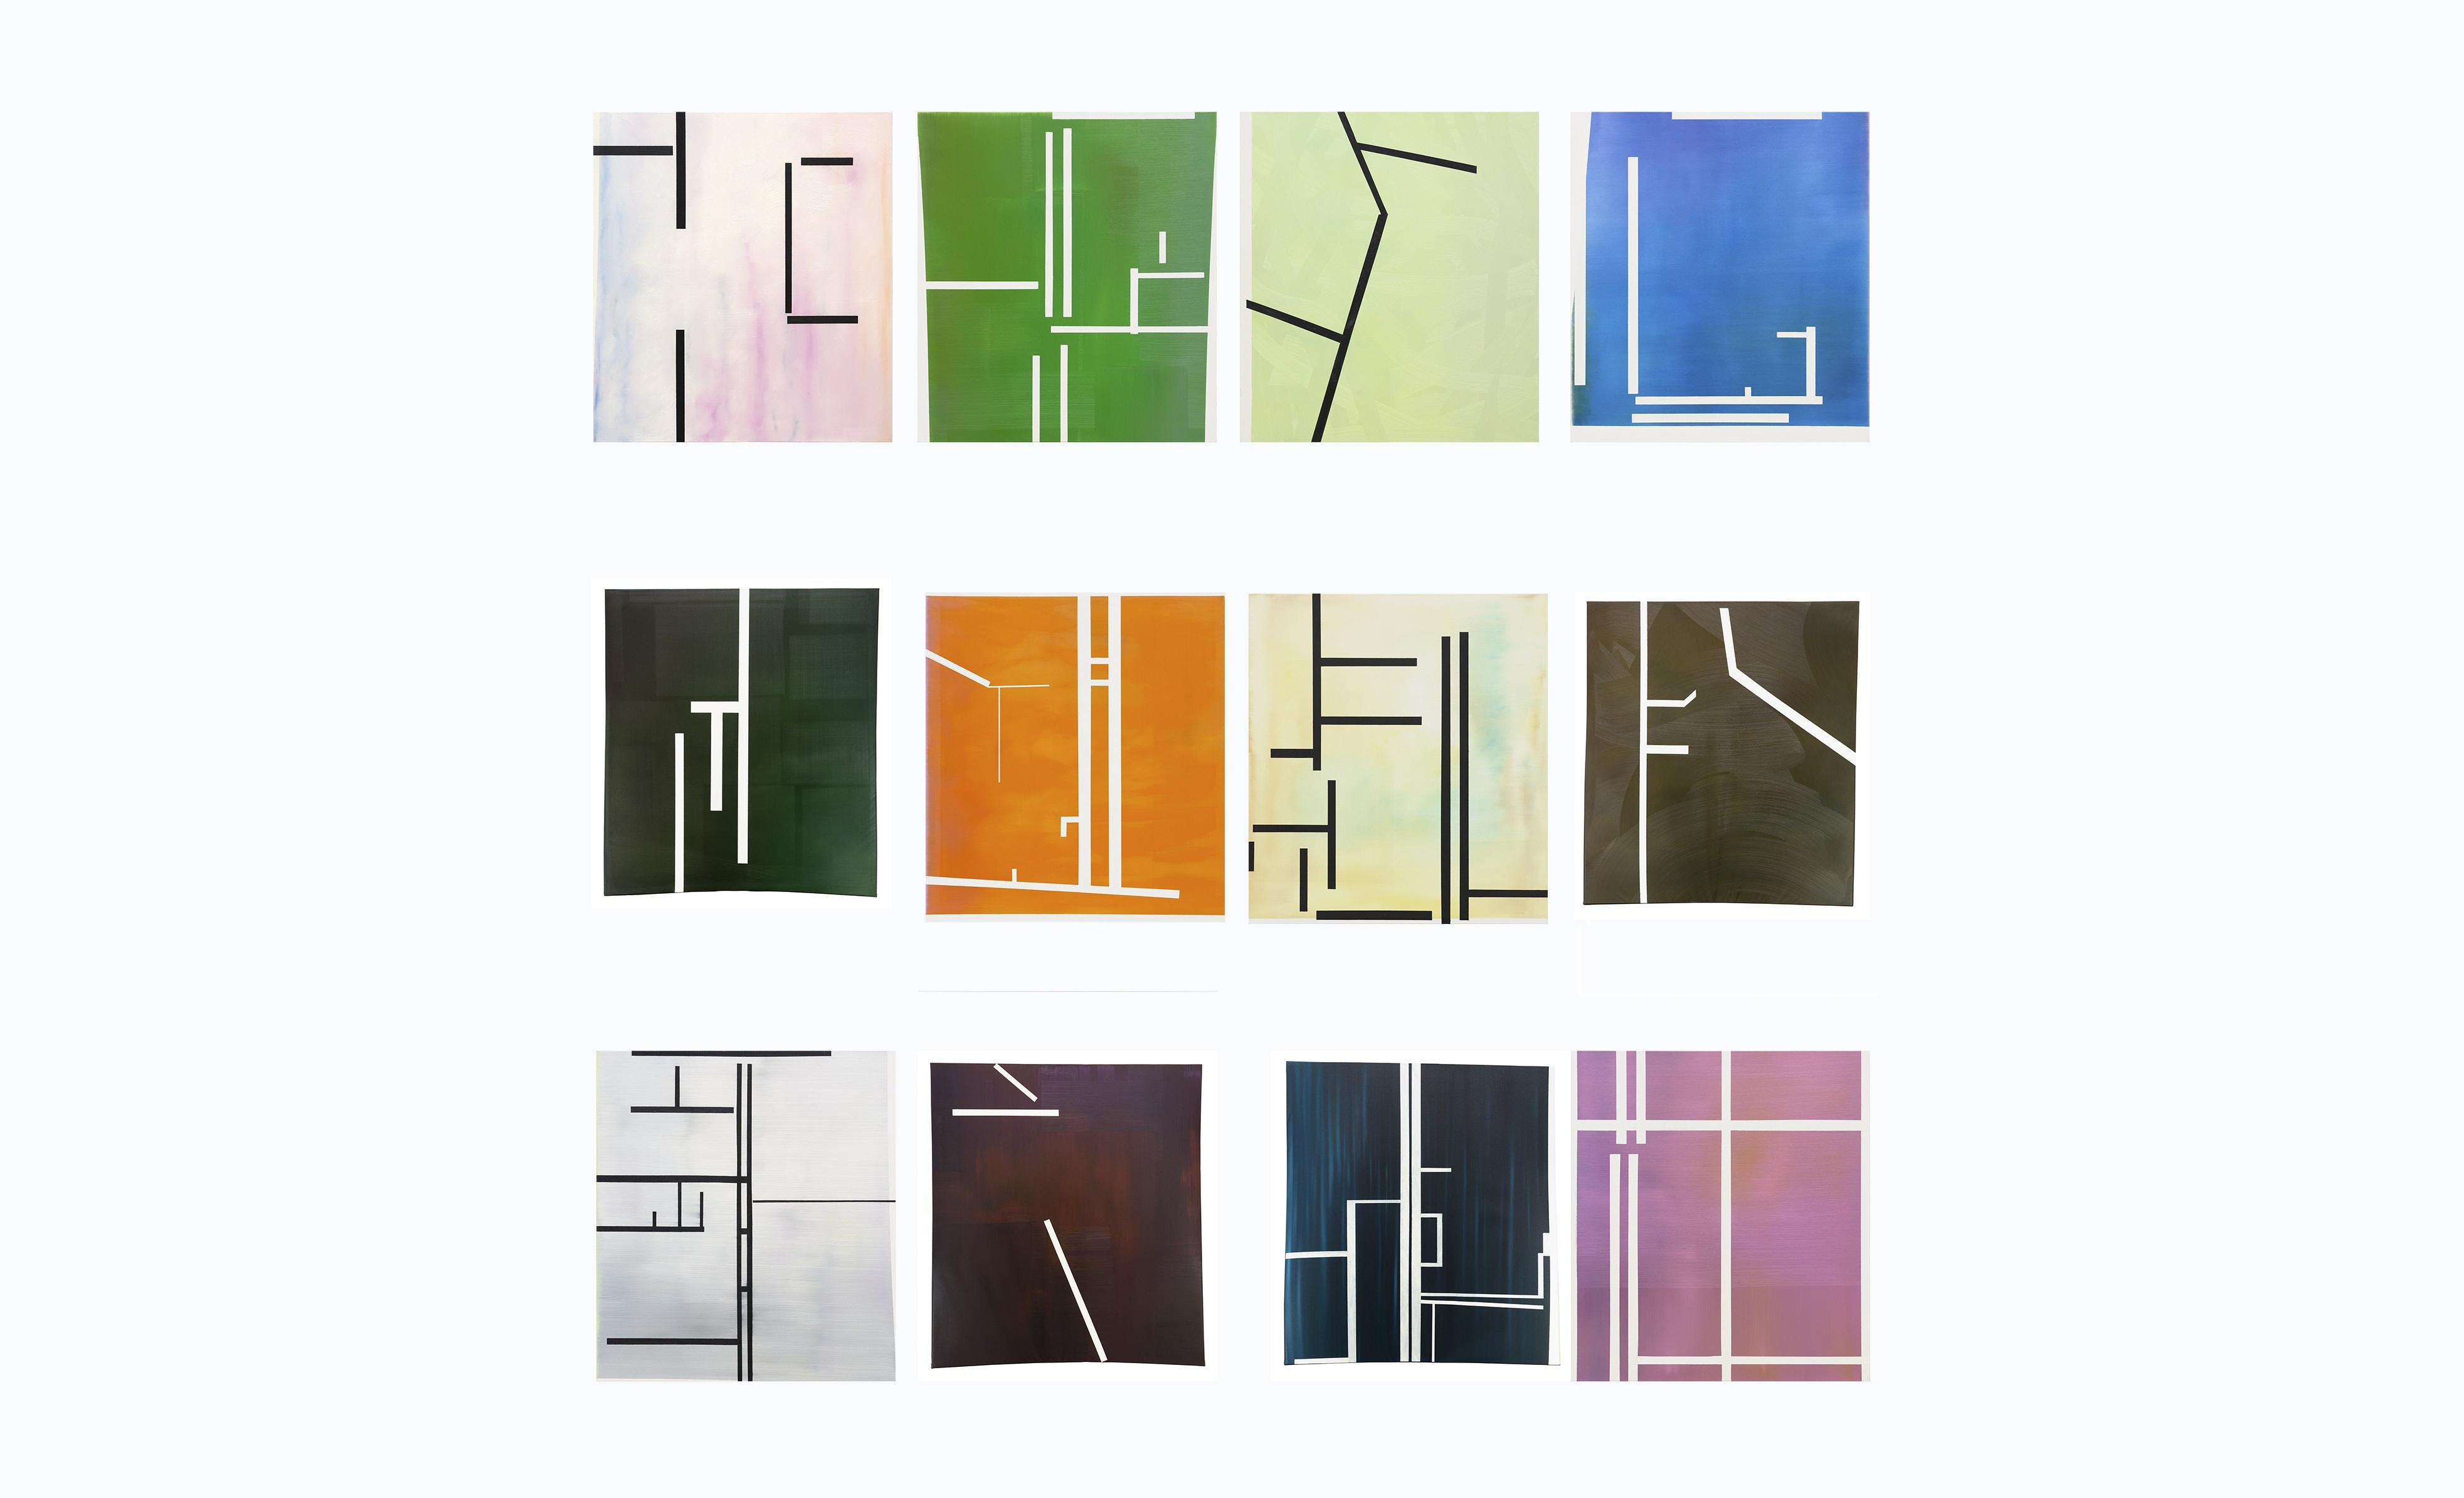 347251c575 Kalendarz na rok 2017 - Fundacja Nowa Przestrzeń Sztuki